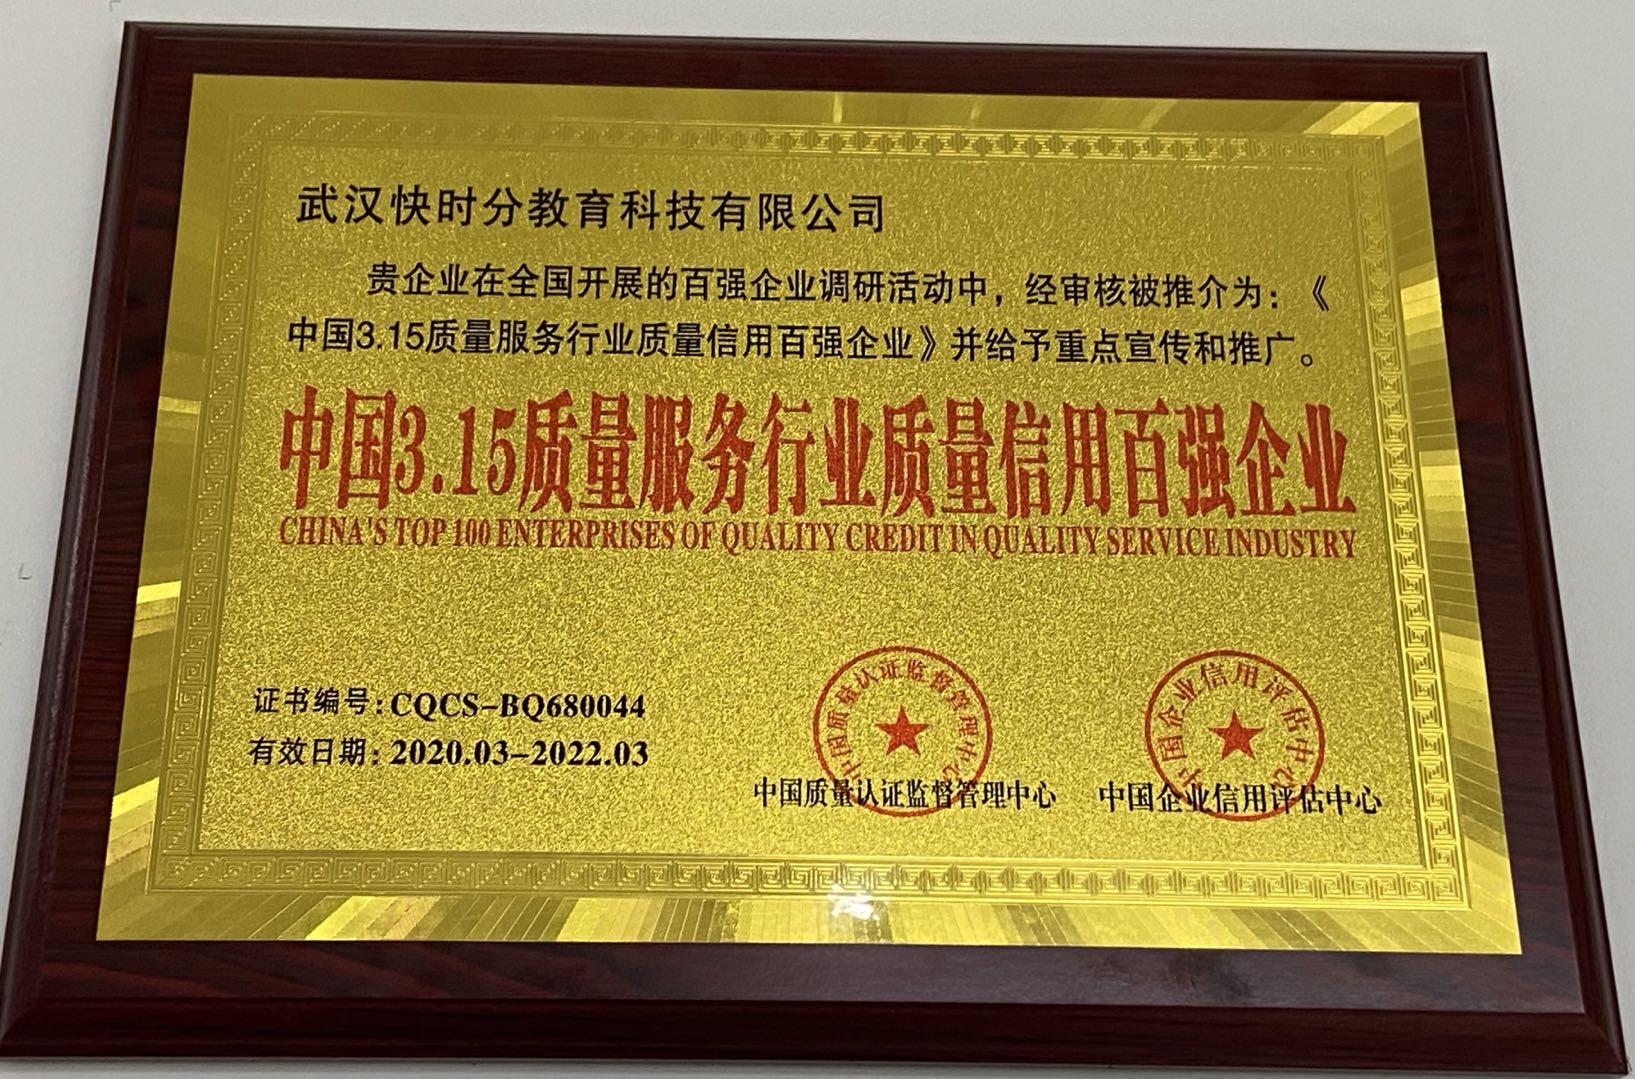 中国3.15质量信用百强企业.jpeg